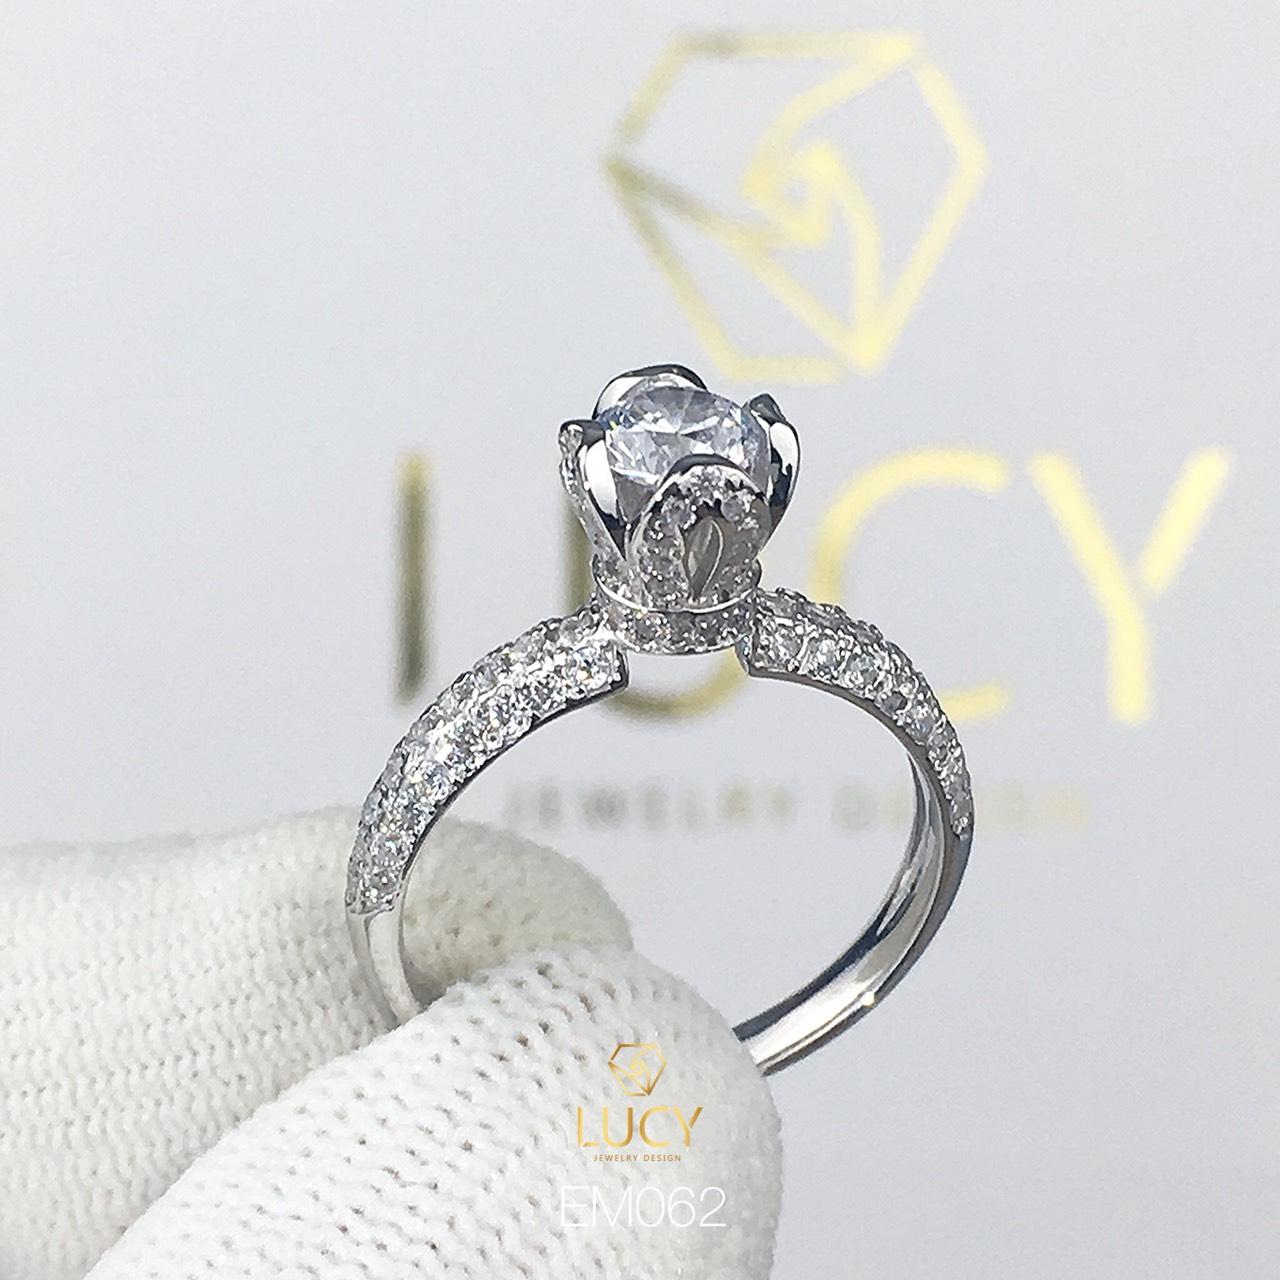 EM062 Nhẫn nữ vàng, nhẫn ổ kim cương 5.4mm 5.5mm, nhẫn nữ thiết kế, nhẫn cầu hôn, nhẫn đính hôn - Lucy Jewelry